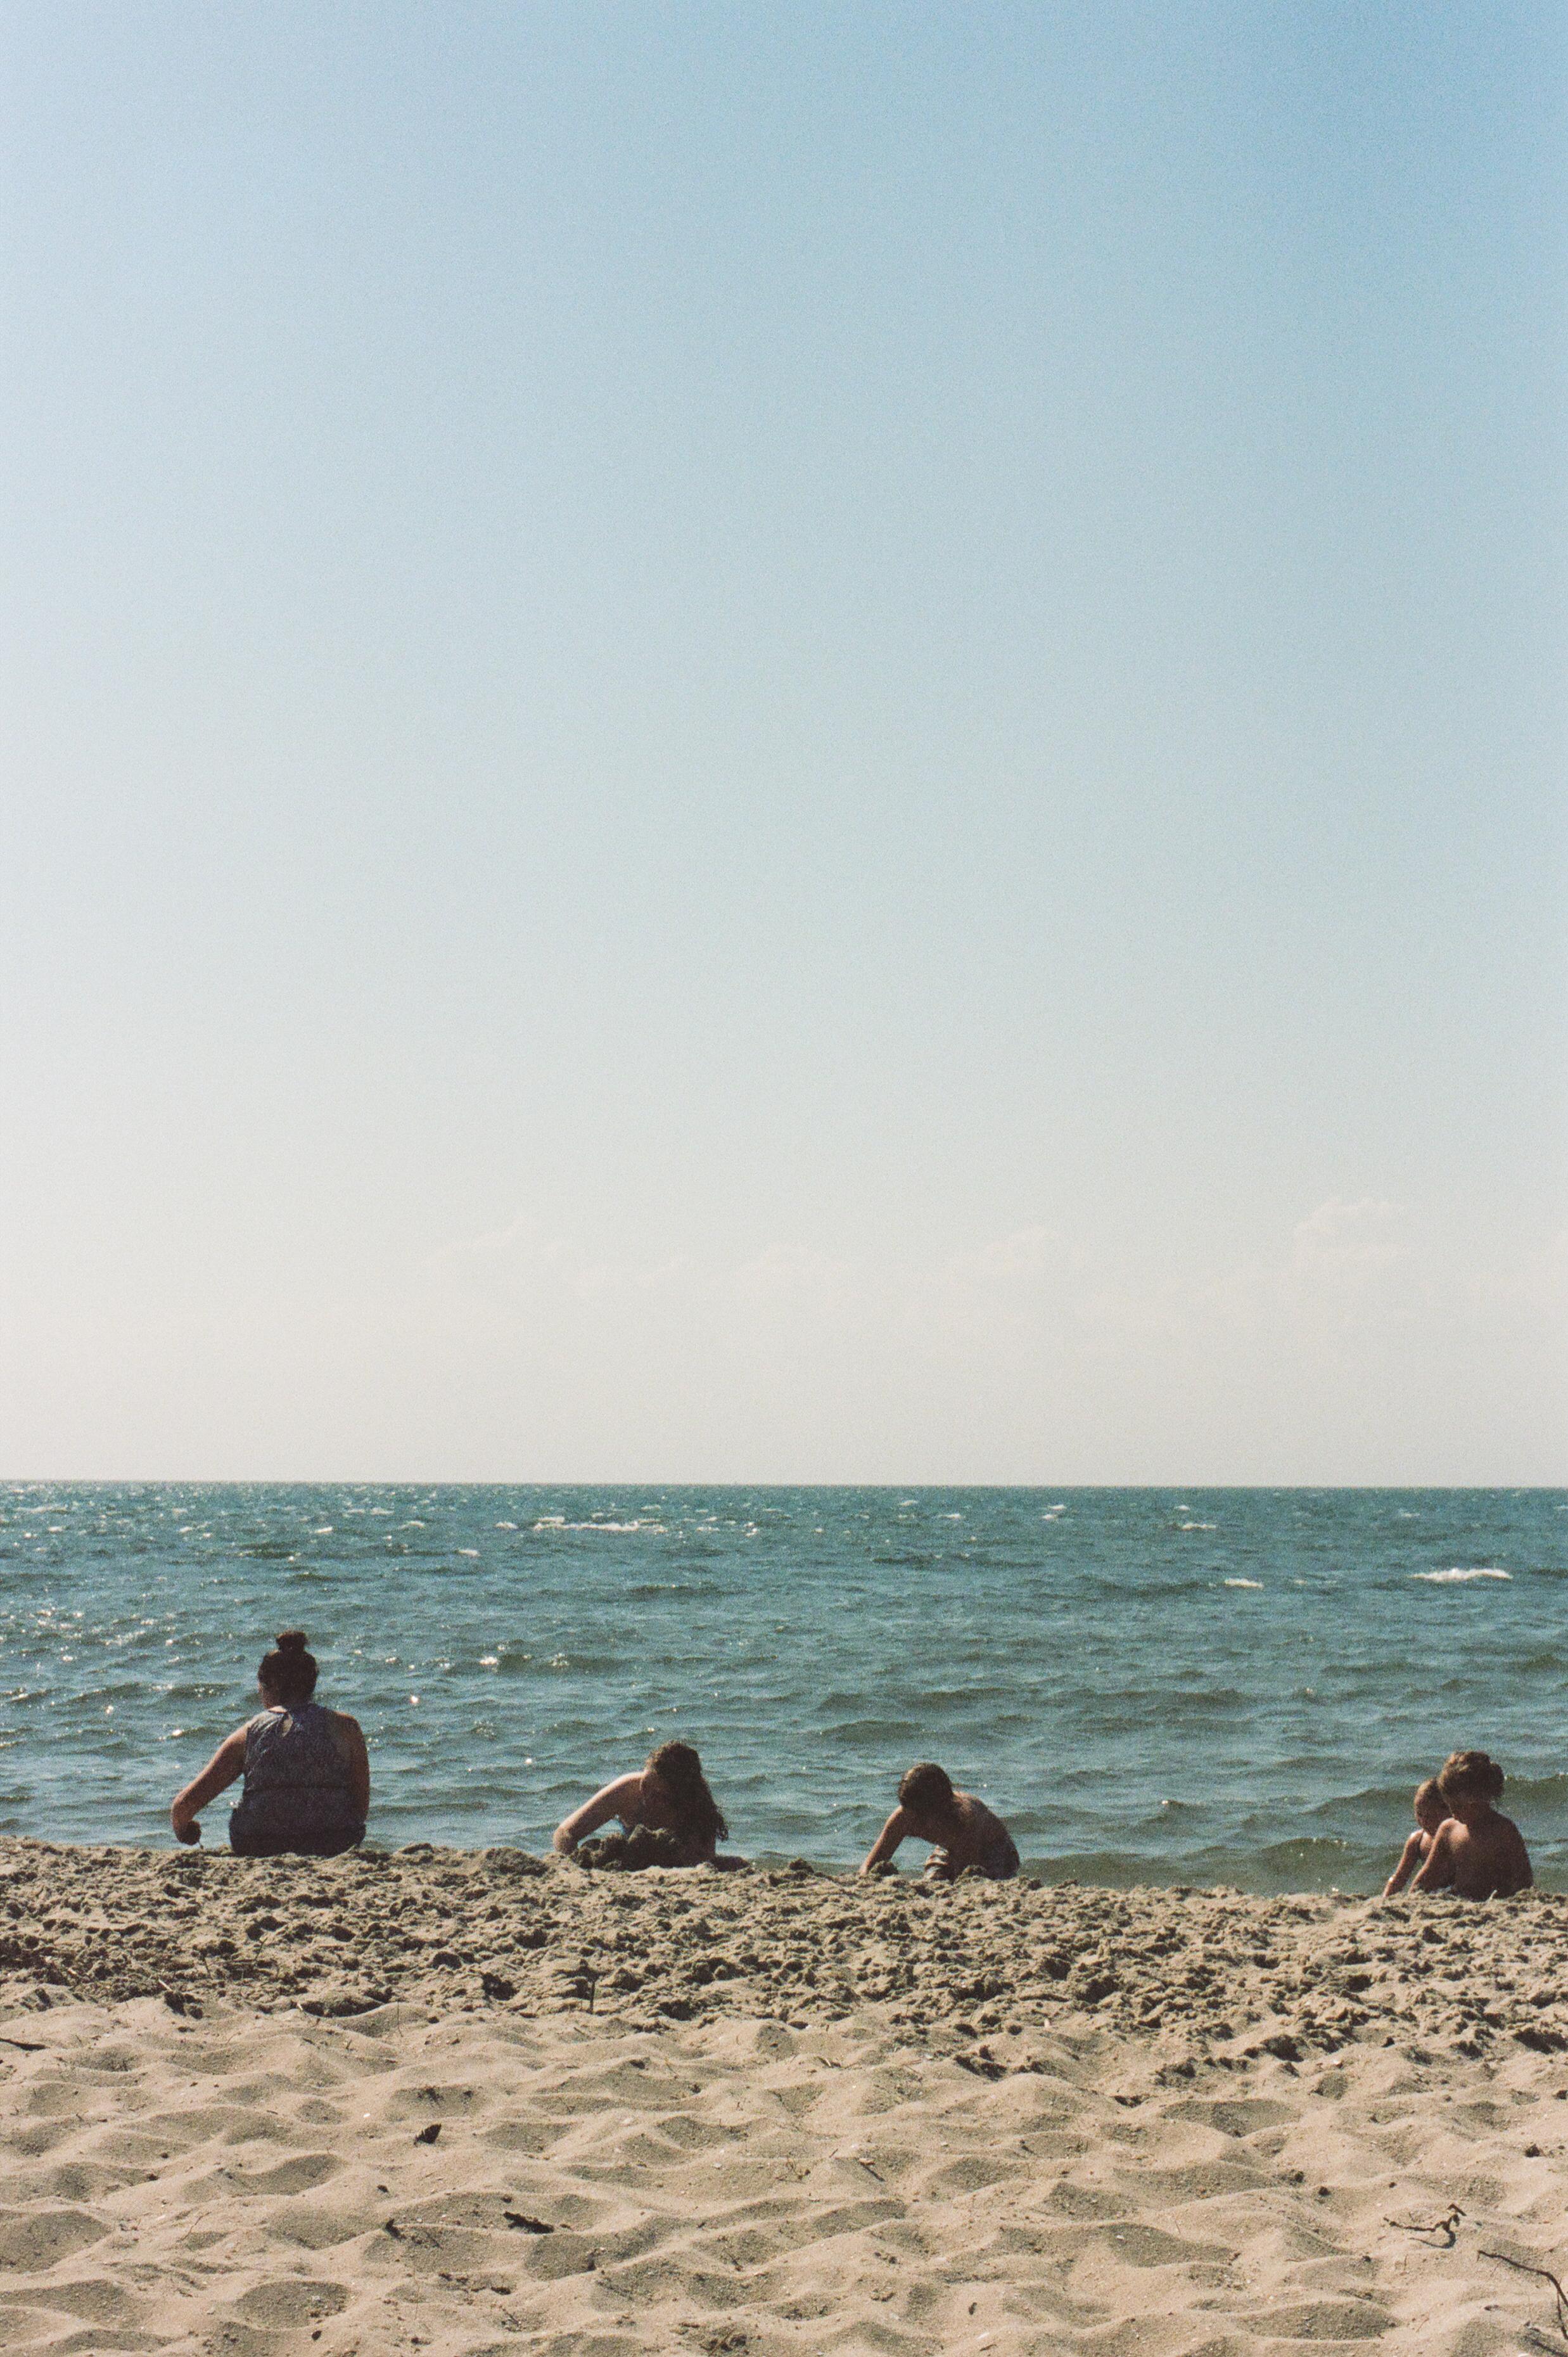 ocracoke-11.jpg